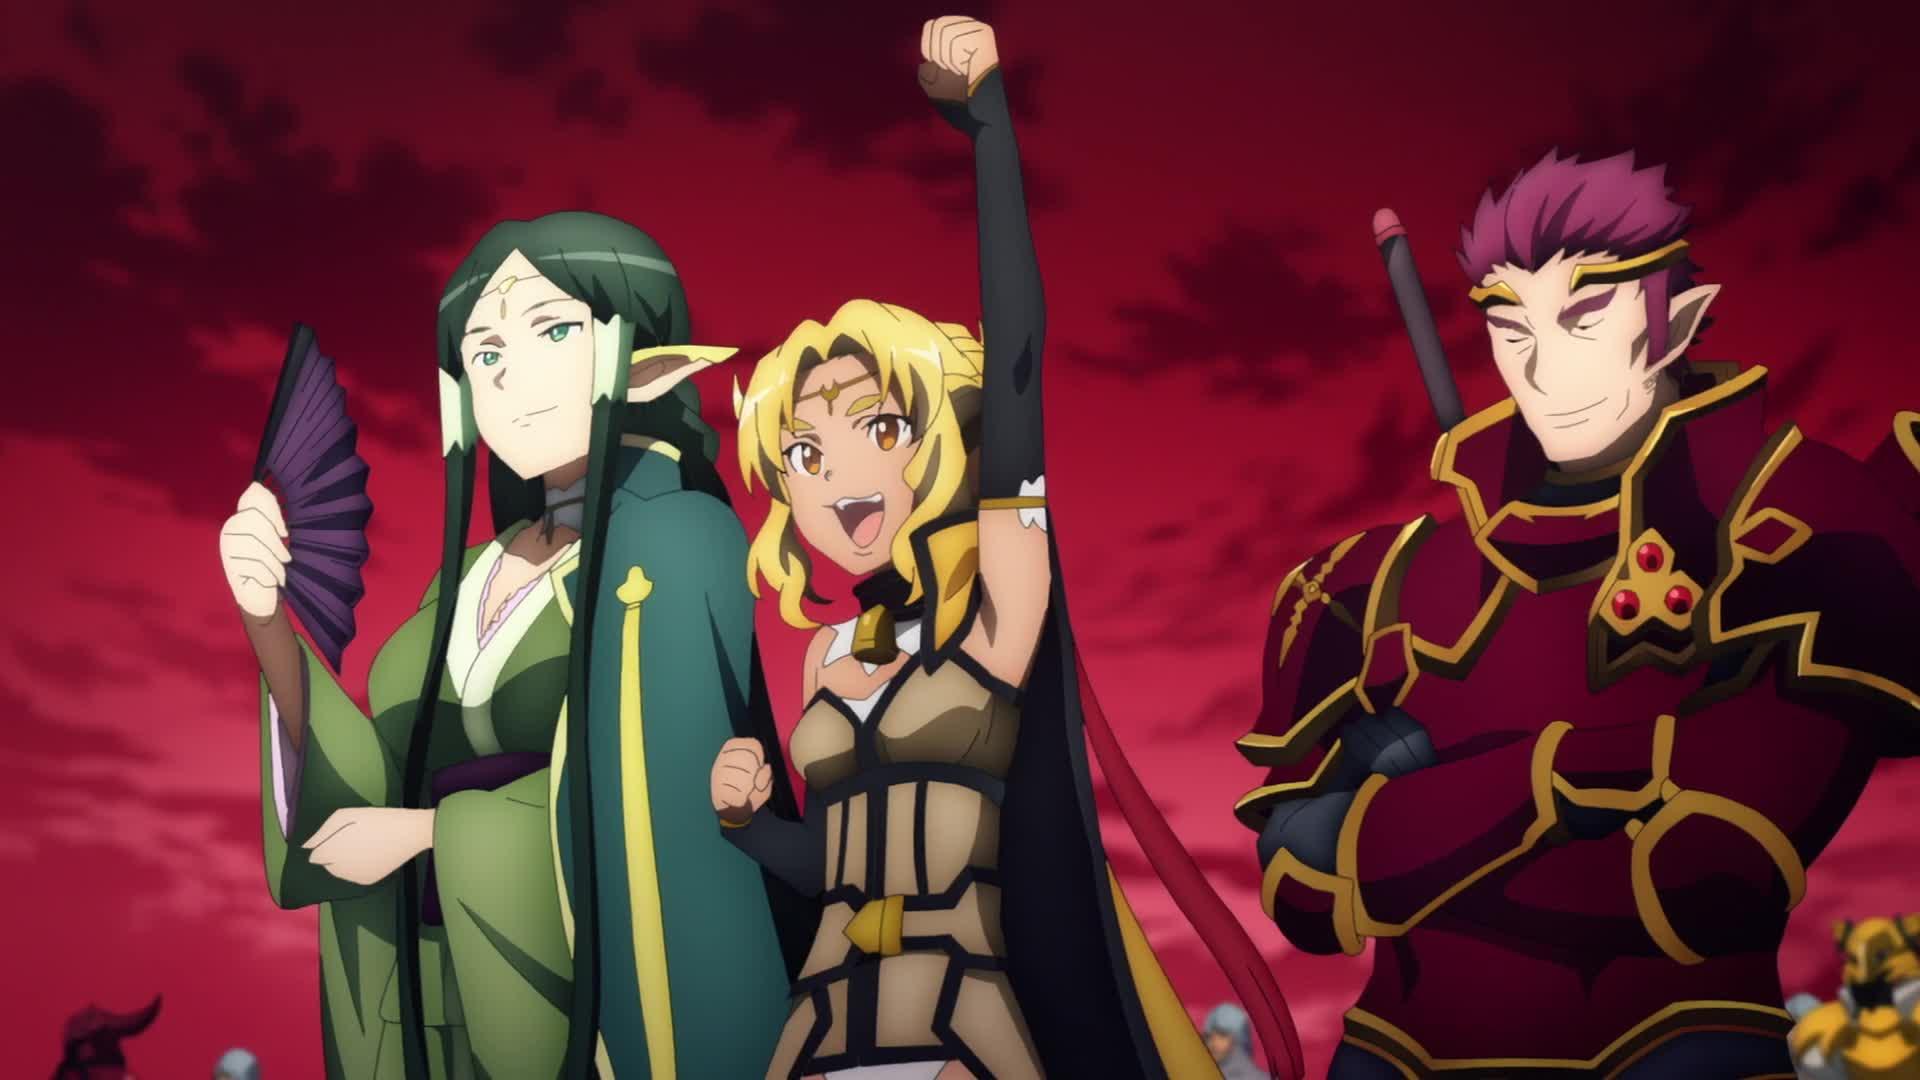 Sword Art Online: Alicization - War of Underworld - Episode 15